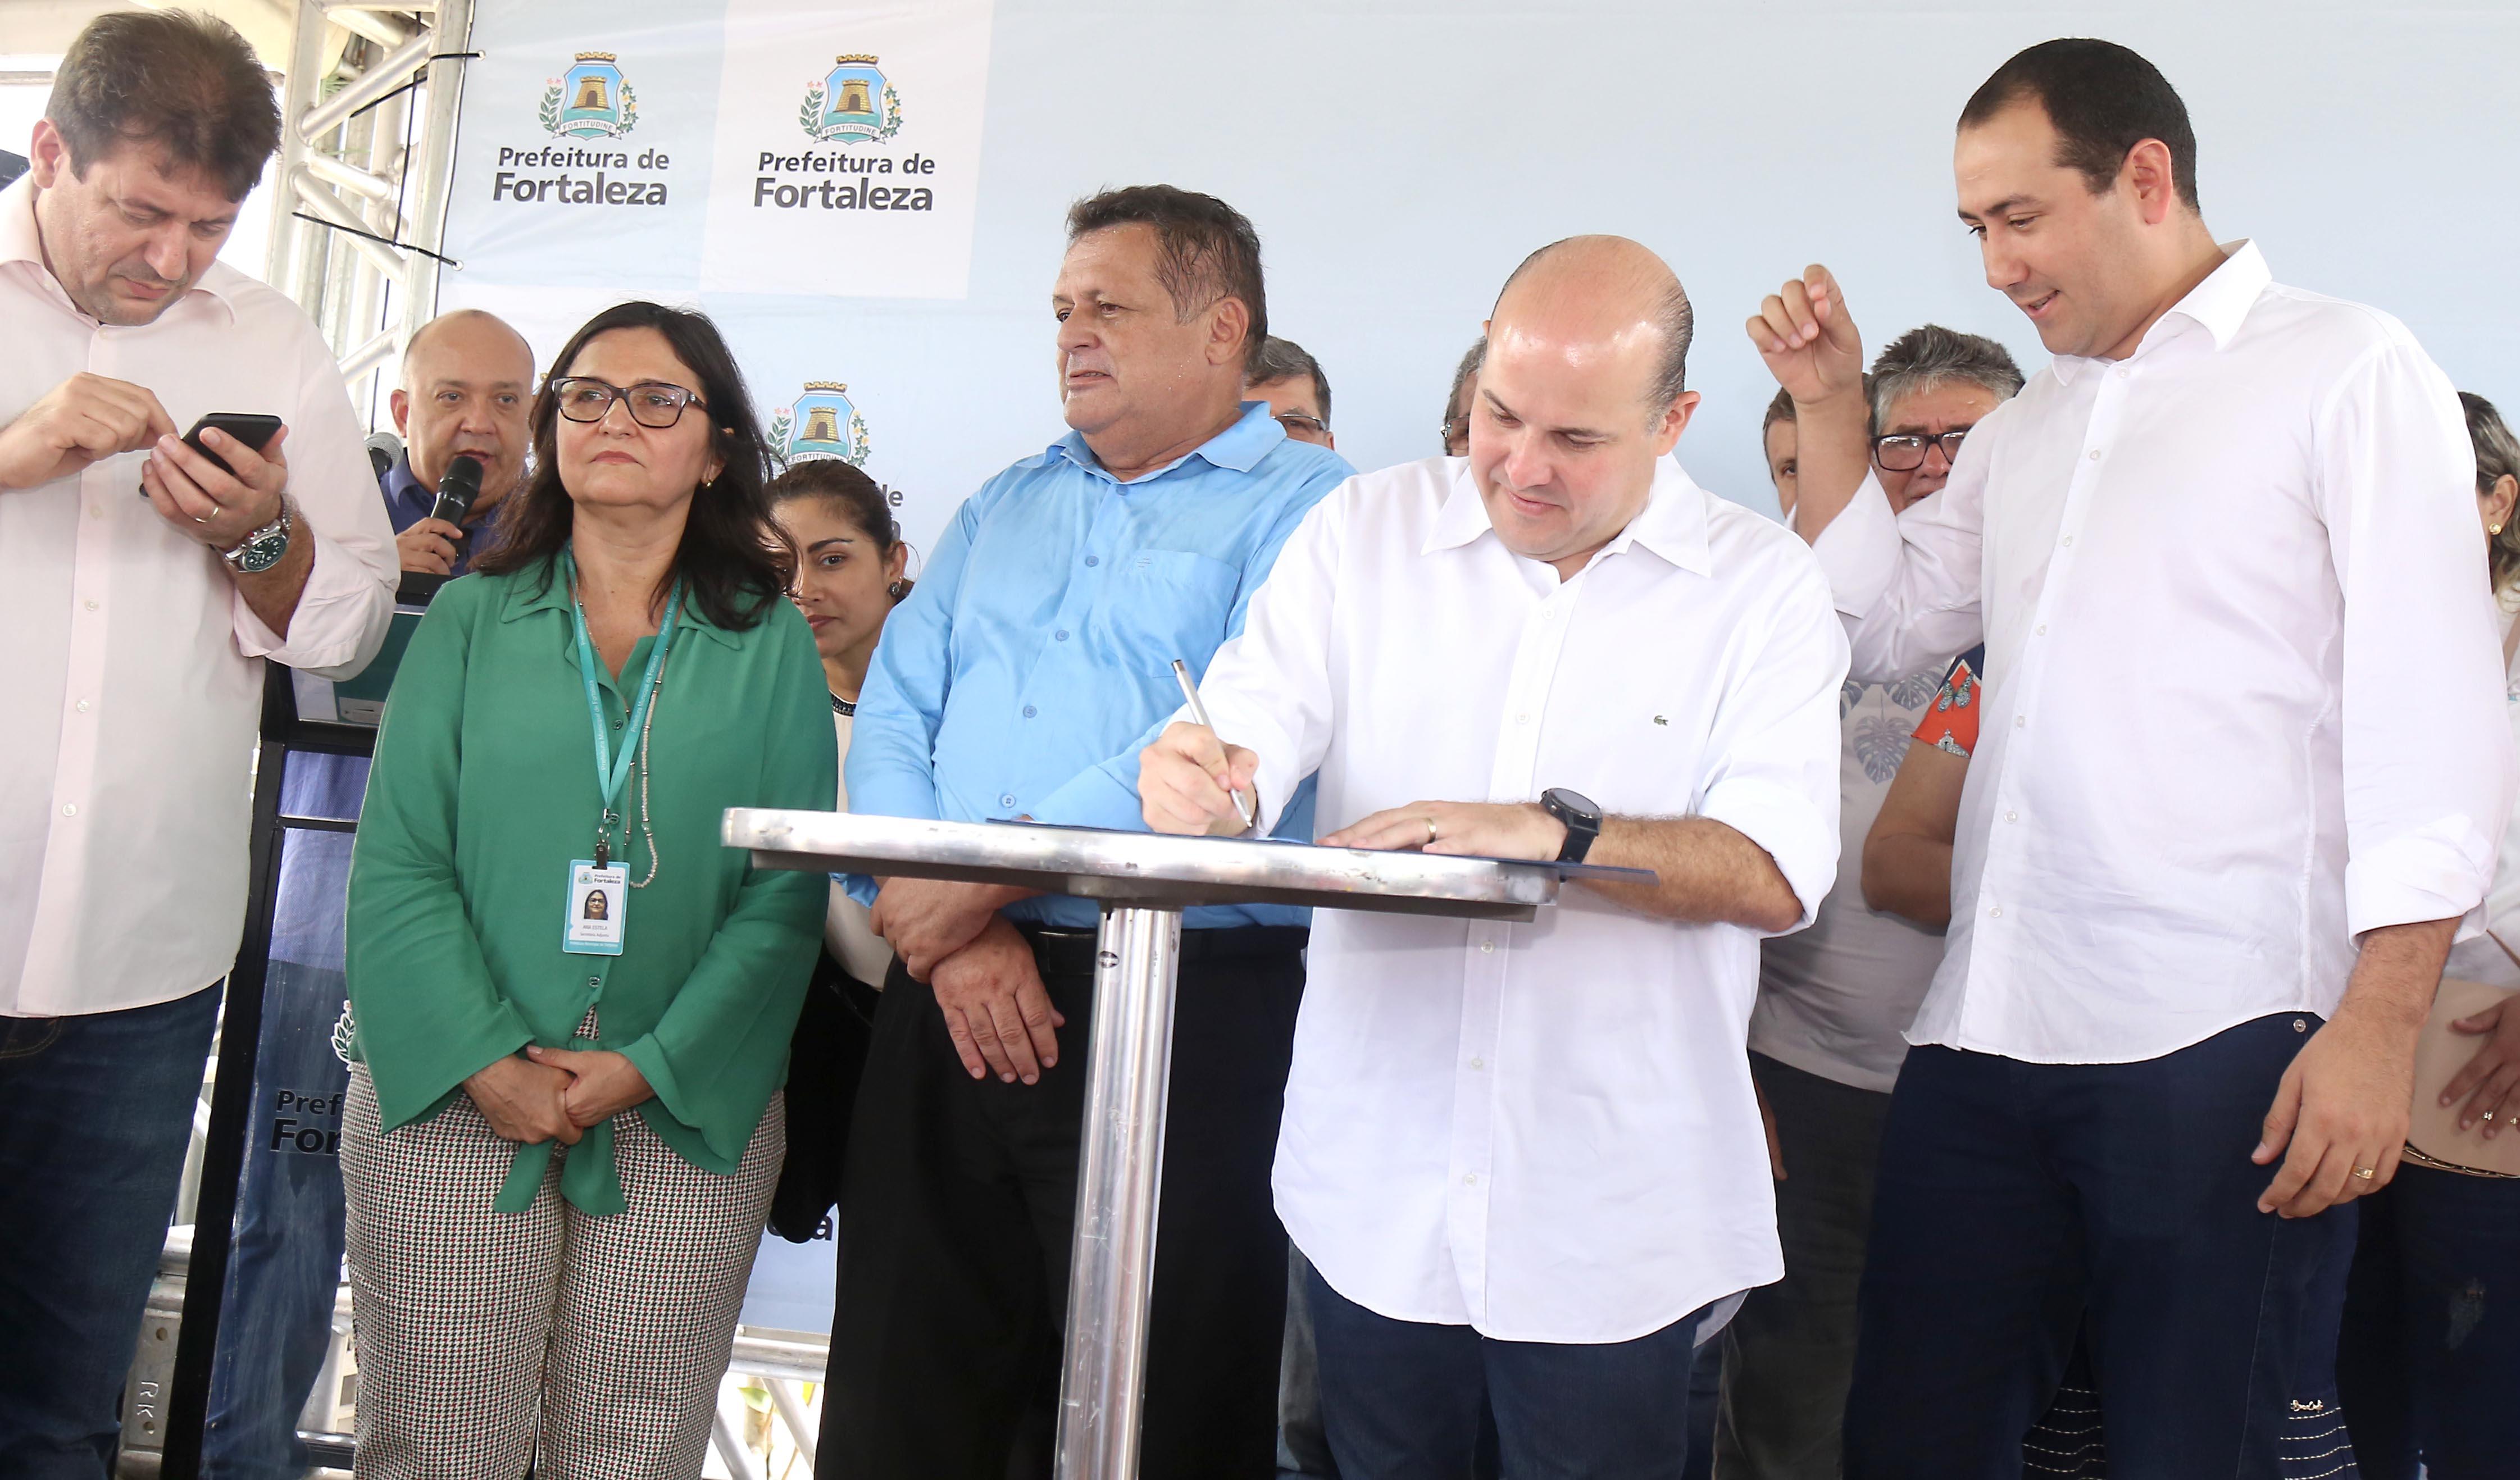 Prefeito Roberto Cláudio assina ordem de serviço para construção de posto de saúde na Alameda das Palmeiras